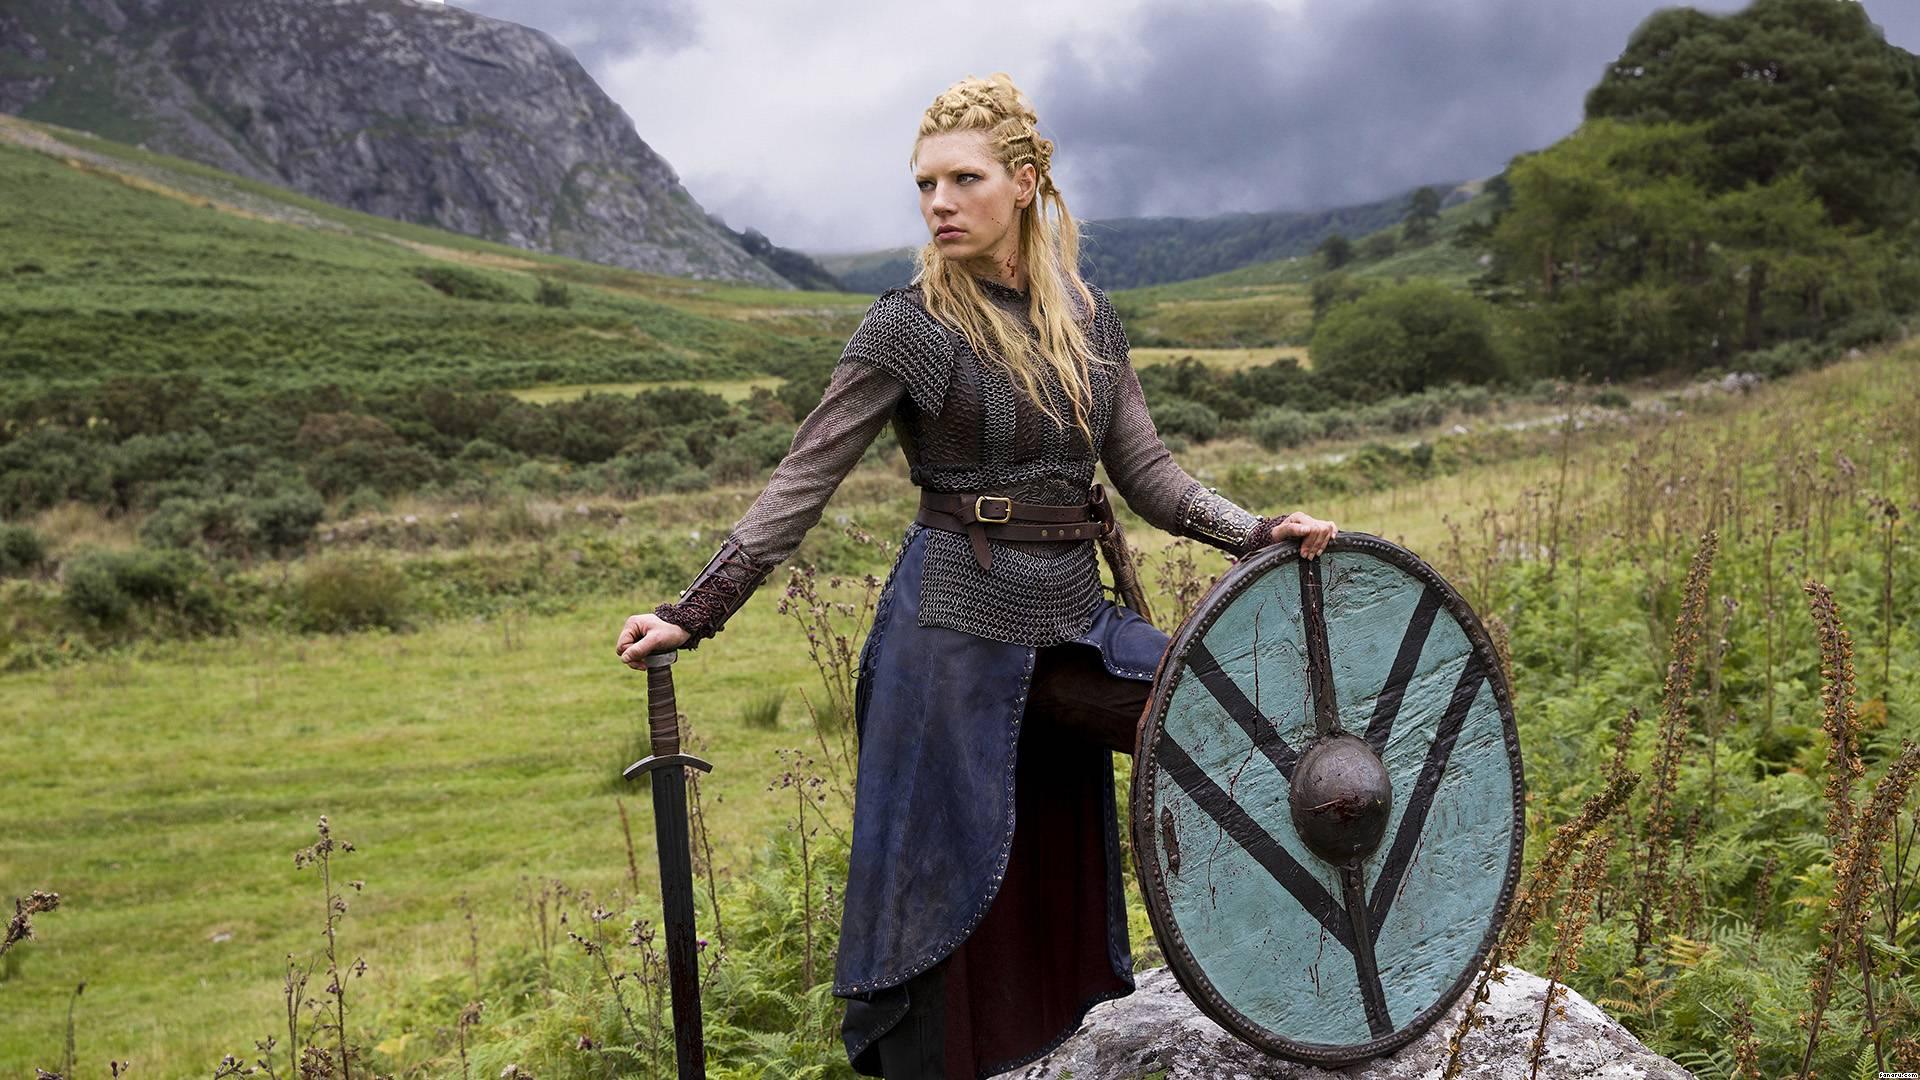 warrior vikings Katheryn winnick